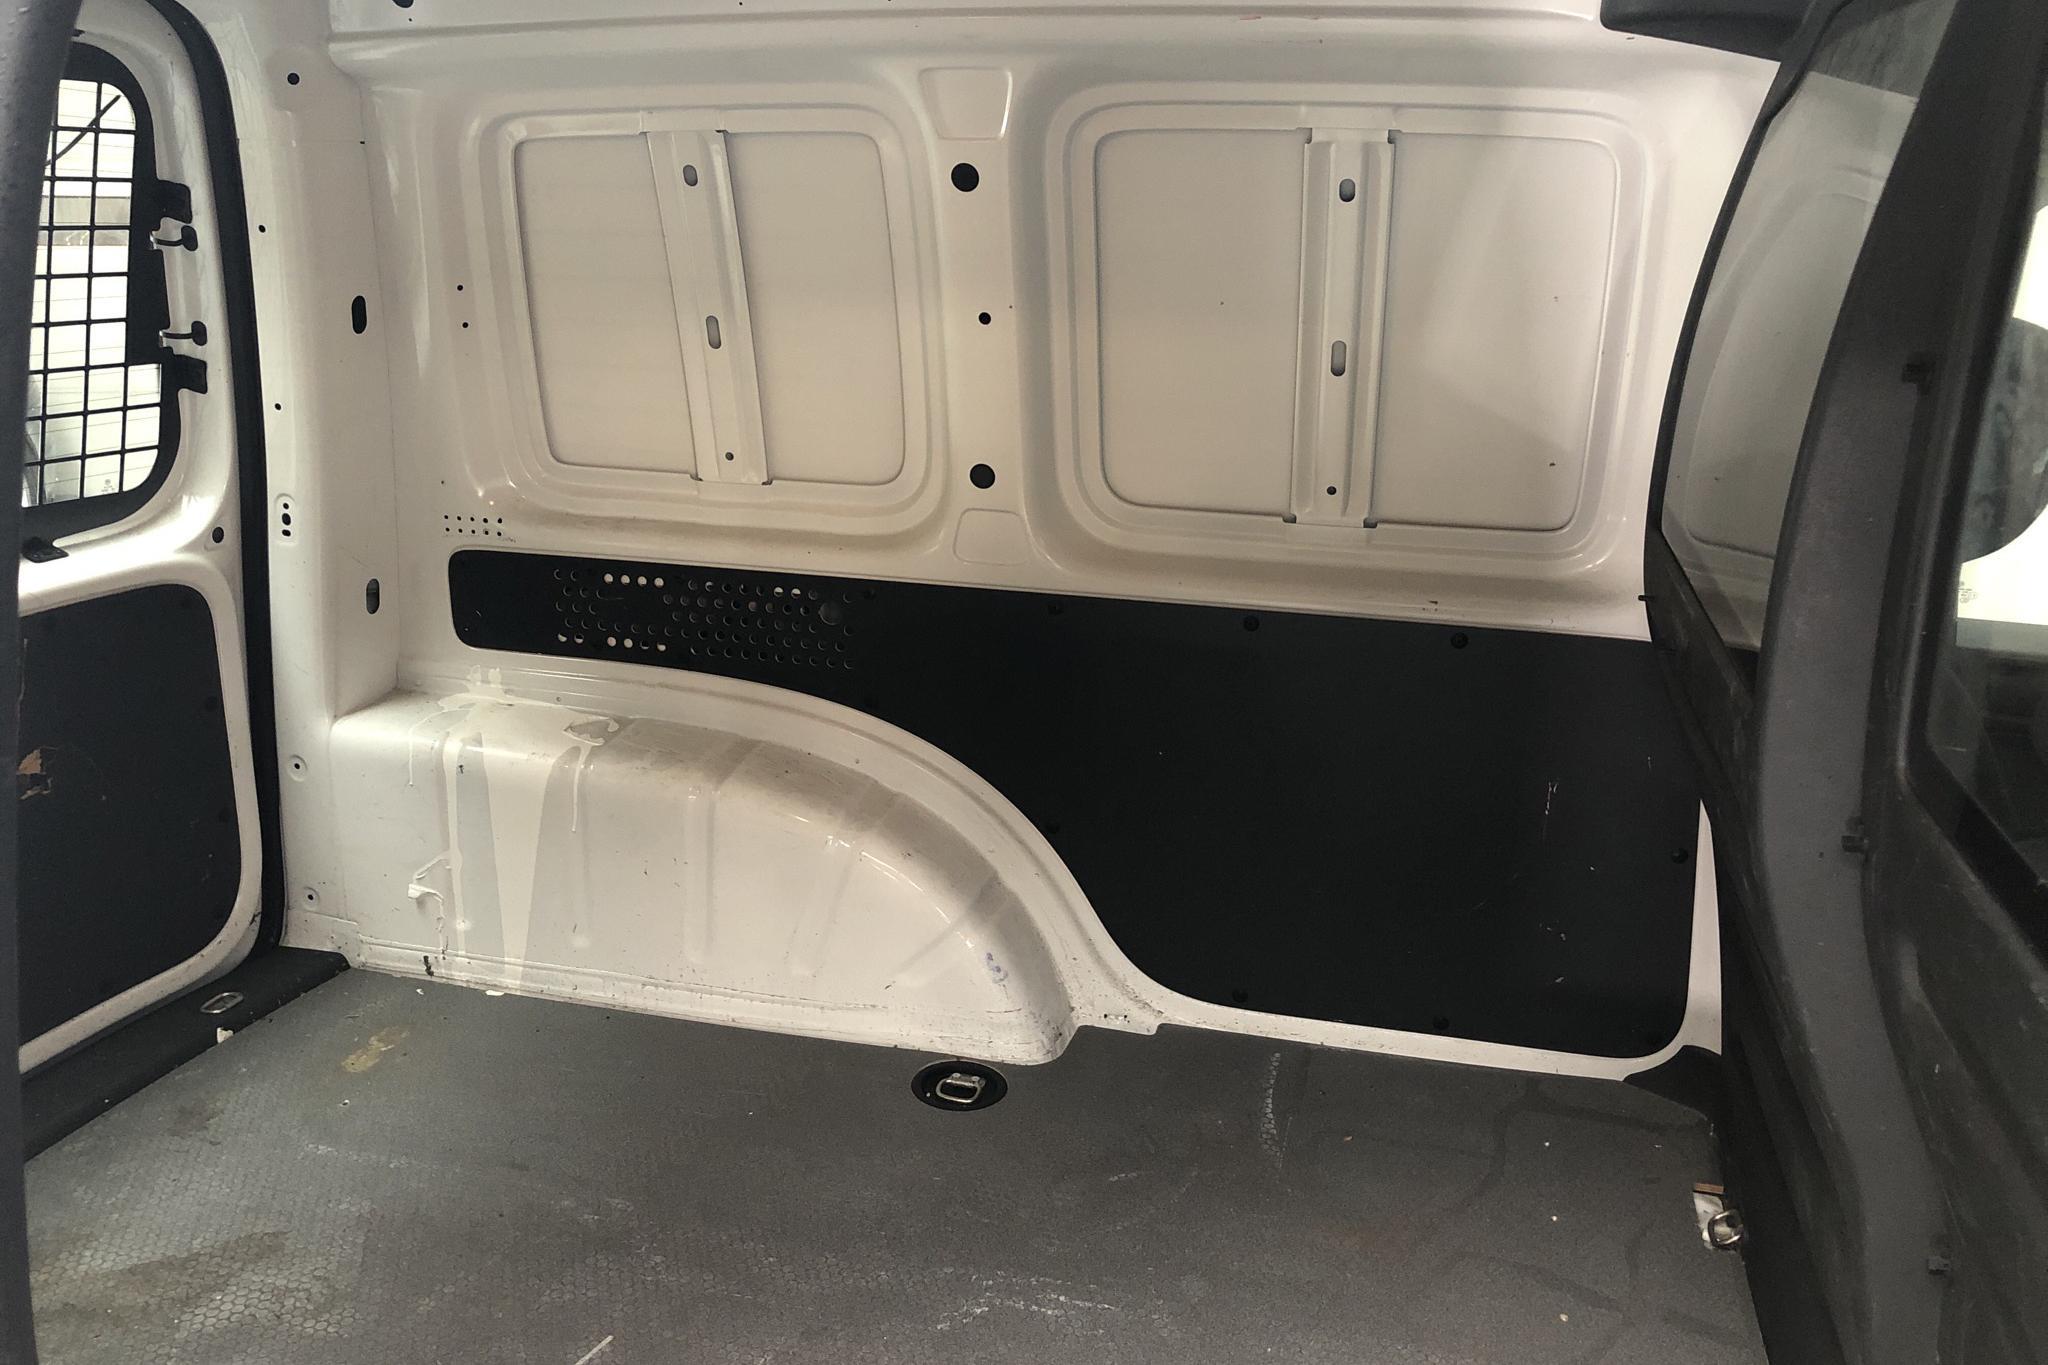 VW Caddy 2.0 TDI Skåp (75hk) - 5 000 mil - Manuell - vit - 2017